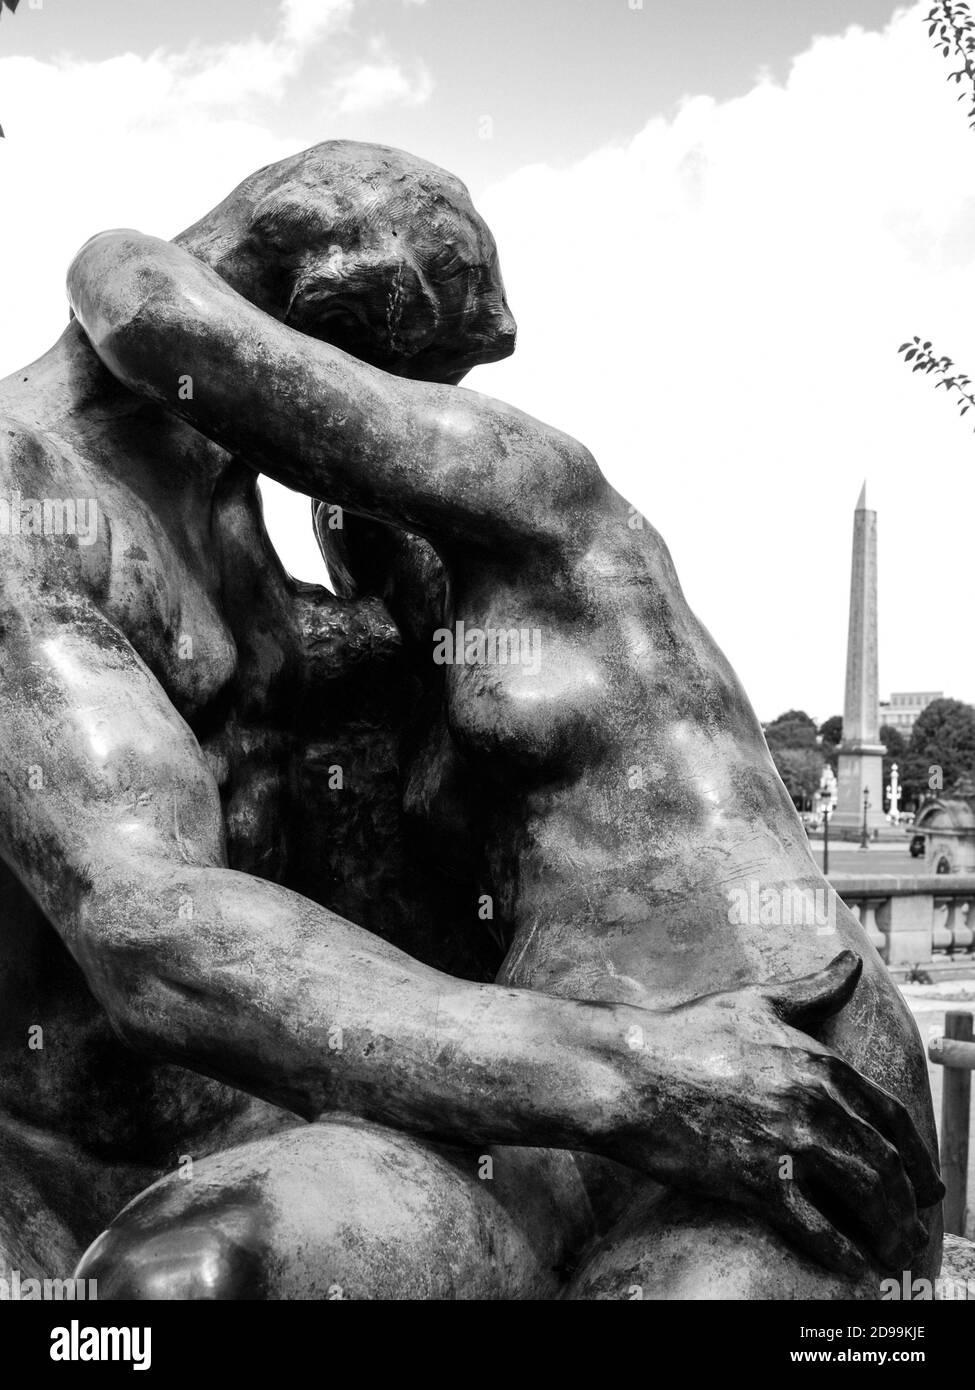 """AUGUSTE RODIN (1840-1917) LE BAISER """"THE KISS"""" BRONZE SCULPTURE IN PARIS JARDIN DES TUILERIES AND THE OBÉLISQUE EGYPTIAN MONUMENT PLACE DE LA CONCORDE IN THE BAKGROUND - PARIS ART - FRENCH ARTIST - BLACK AND WHITE PHOTOGRAPHY © F.BEAUMONT Stock Photo"""